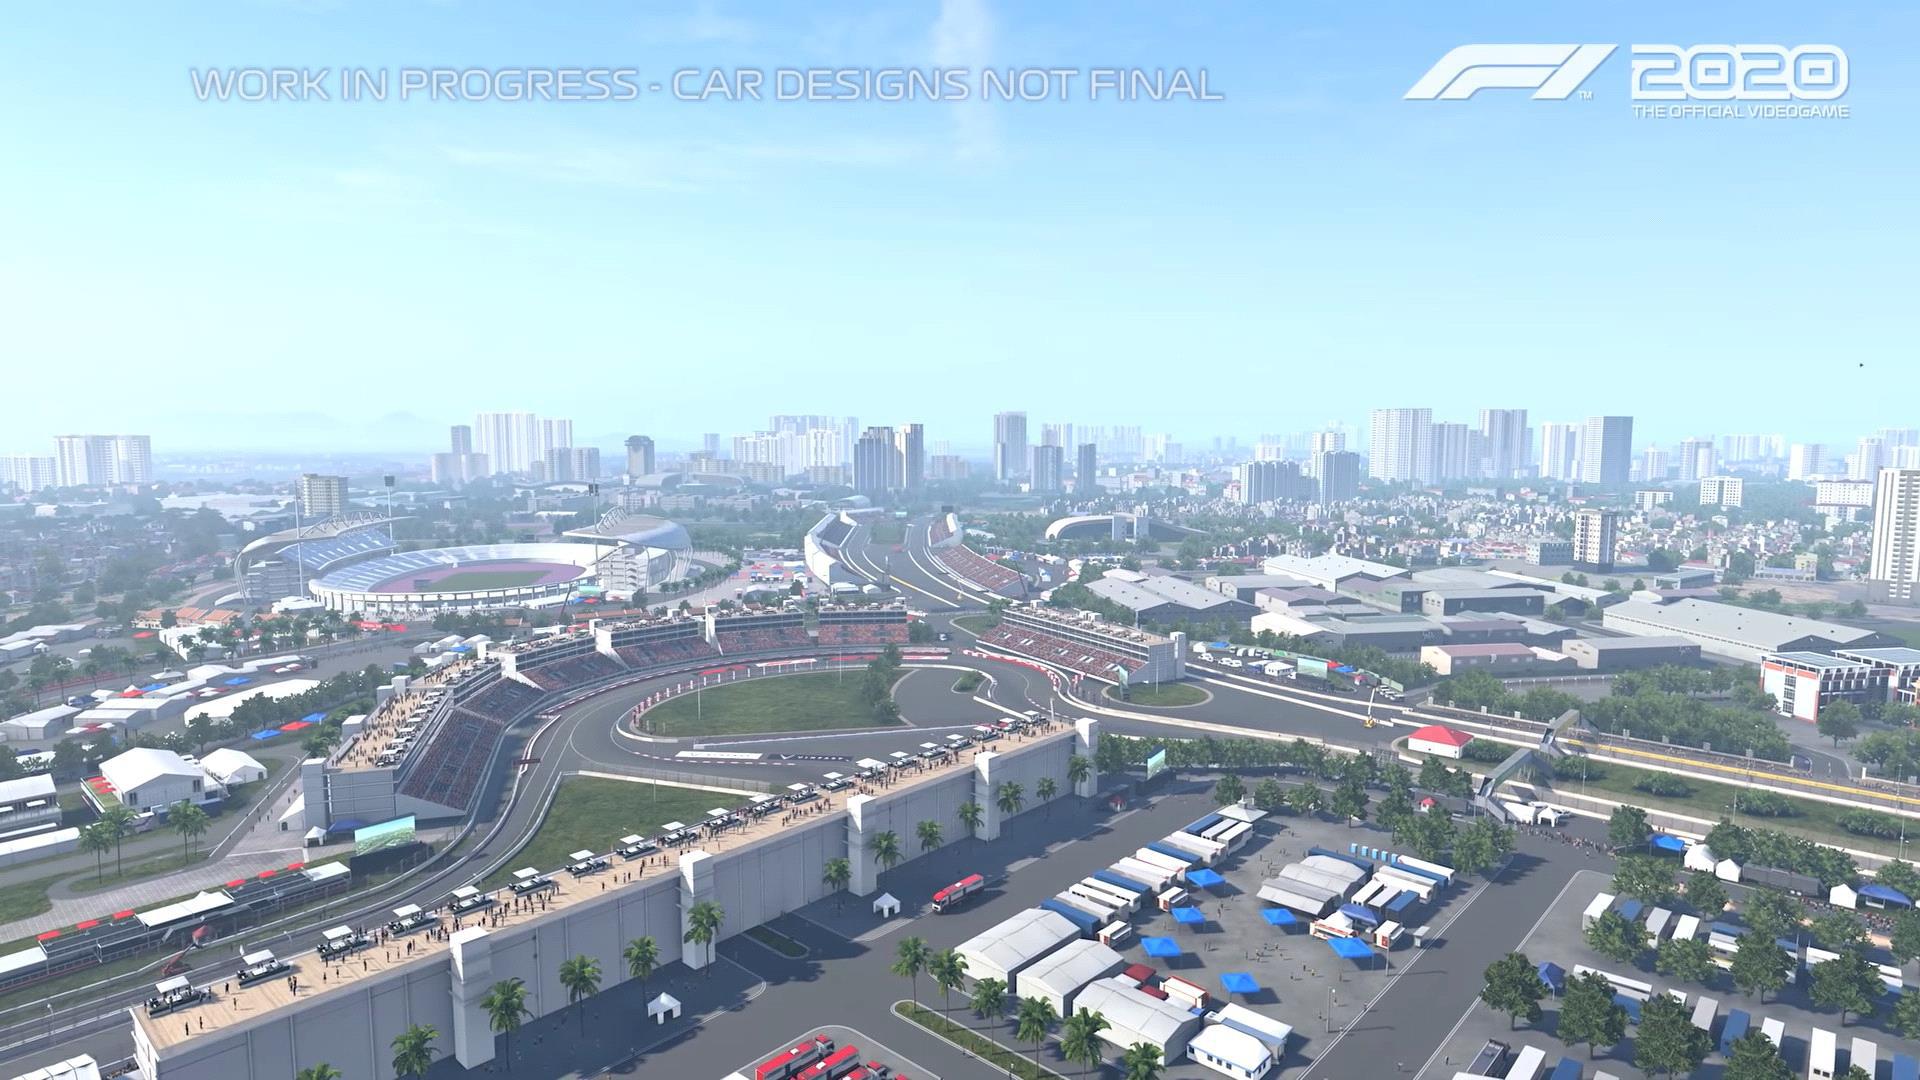 Đường đua F1 tại Việt Nam bất ngờ xuất hiện trong tựa game đua xe đình đám - Ảnh 4.